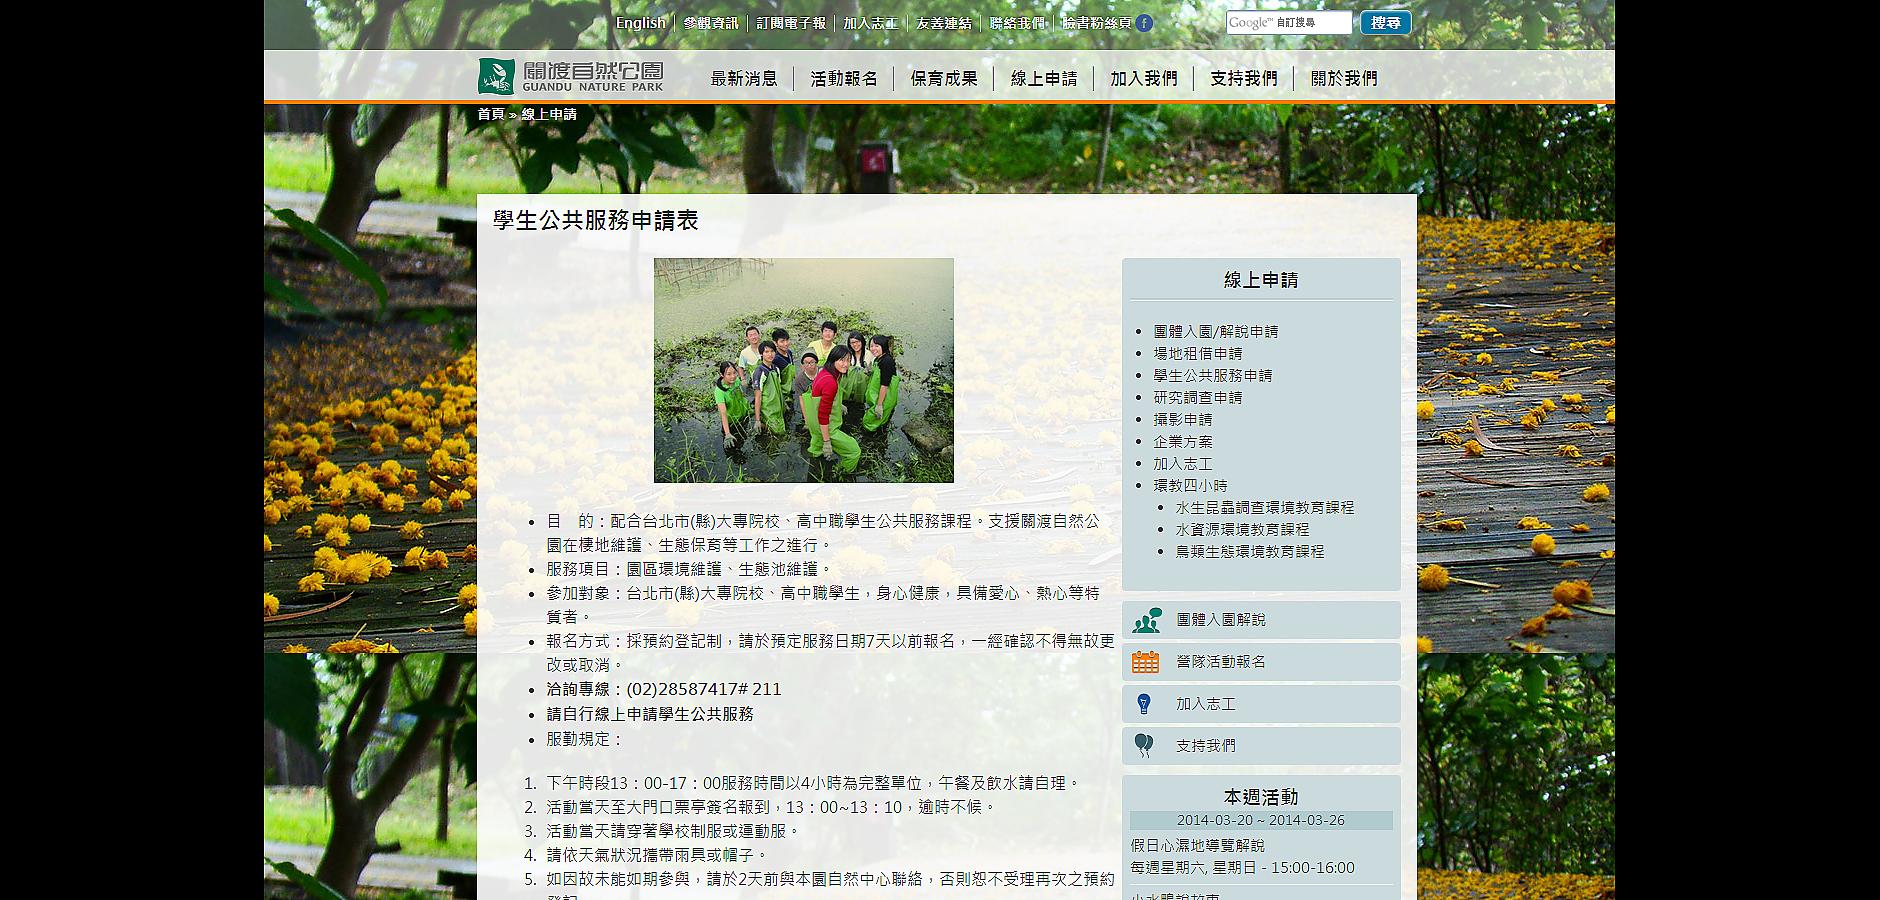 關渡自然公園 學生公共服務申請表